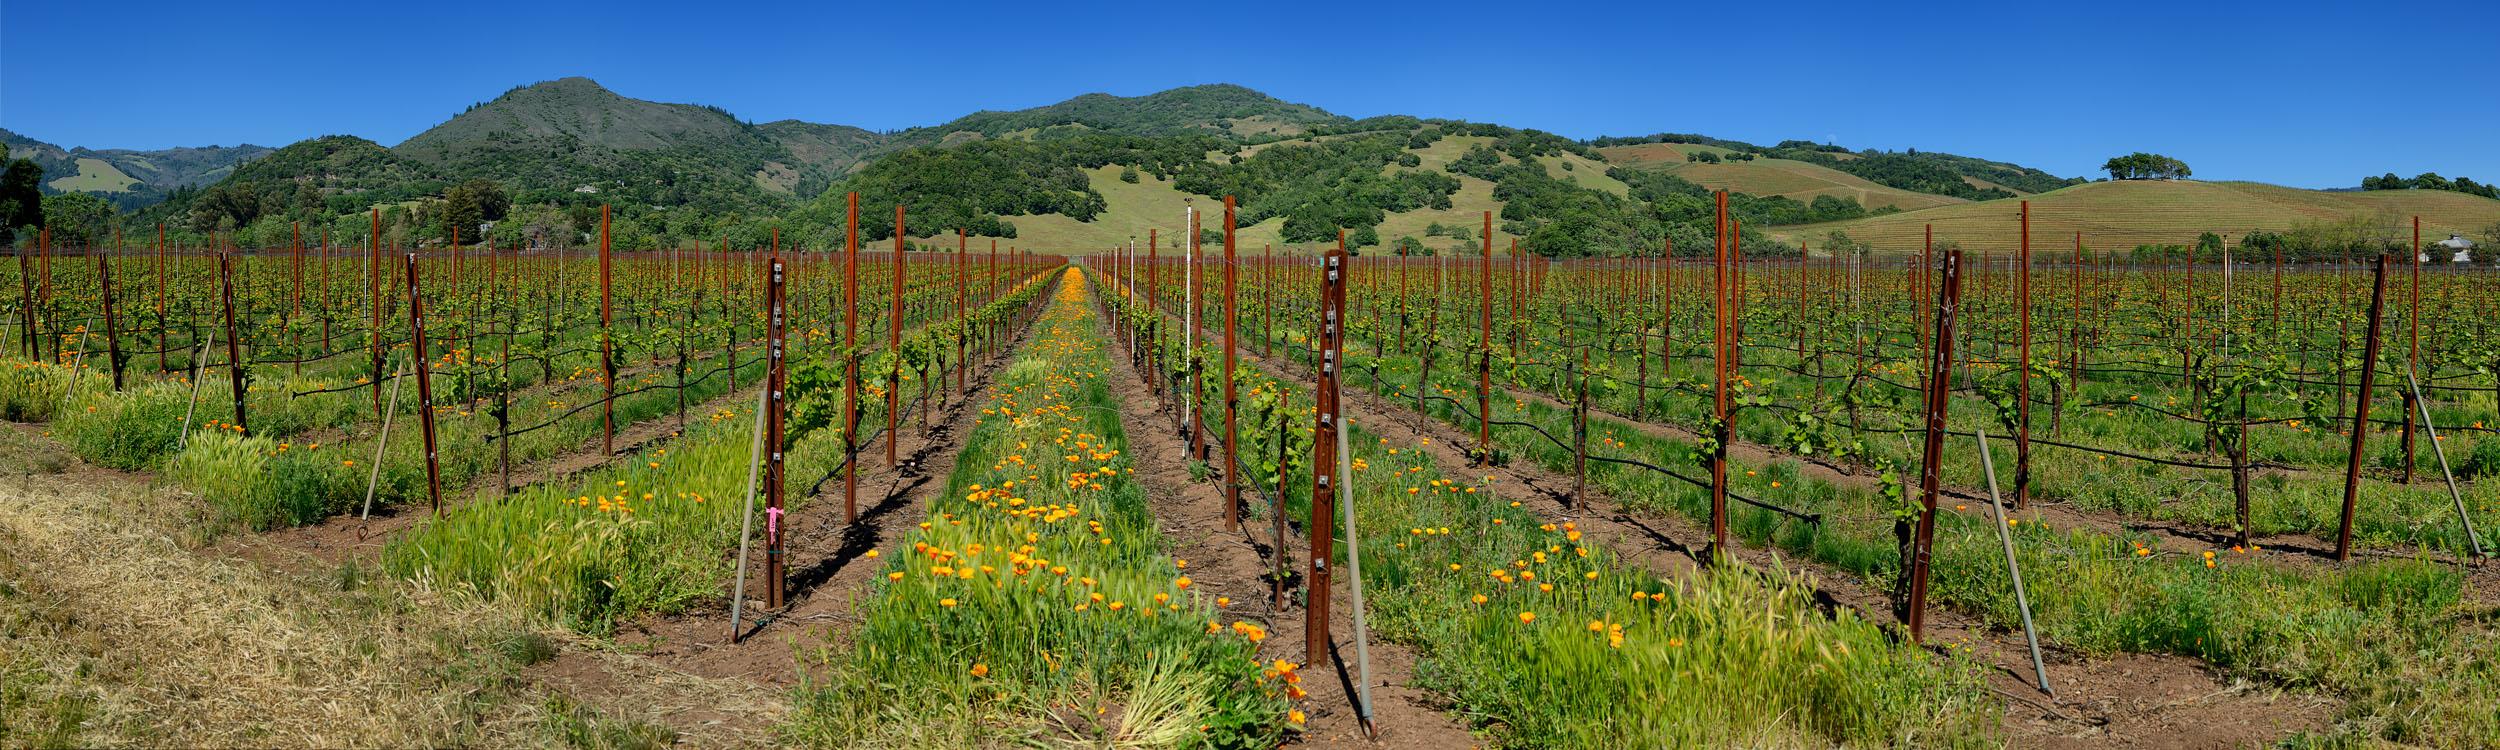 Flowers in Vineyard